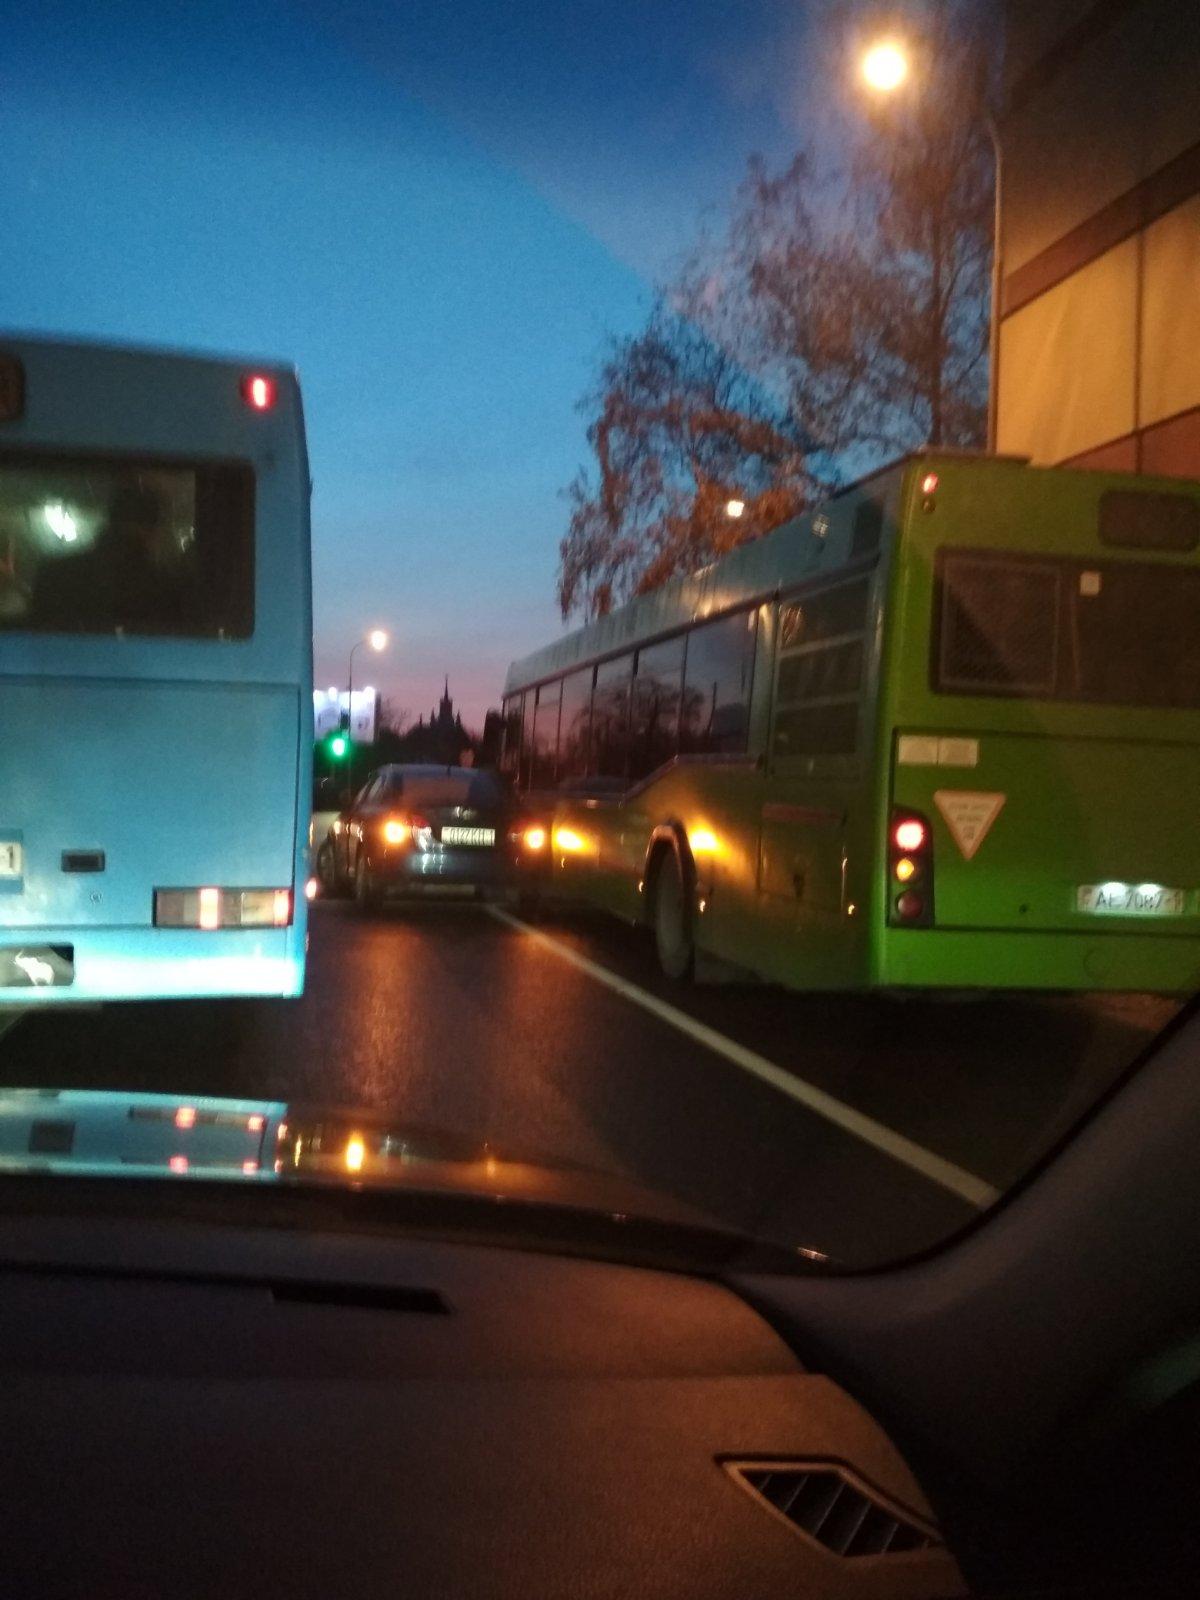 В результате ДТП пострадала несовершеннолетняя пассажирка автобуса